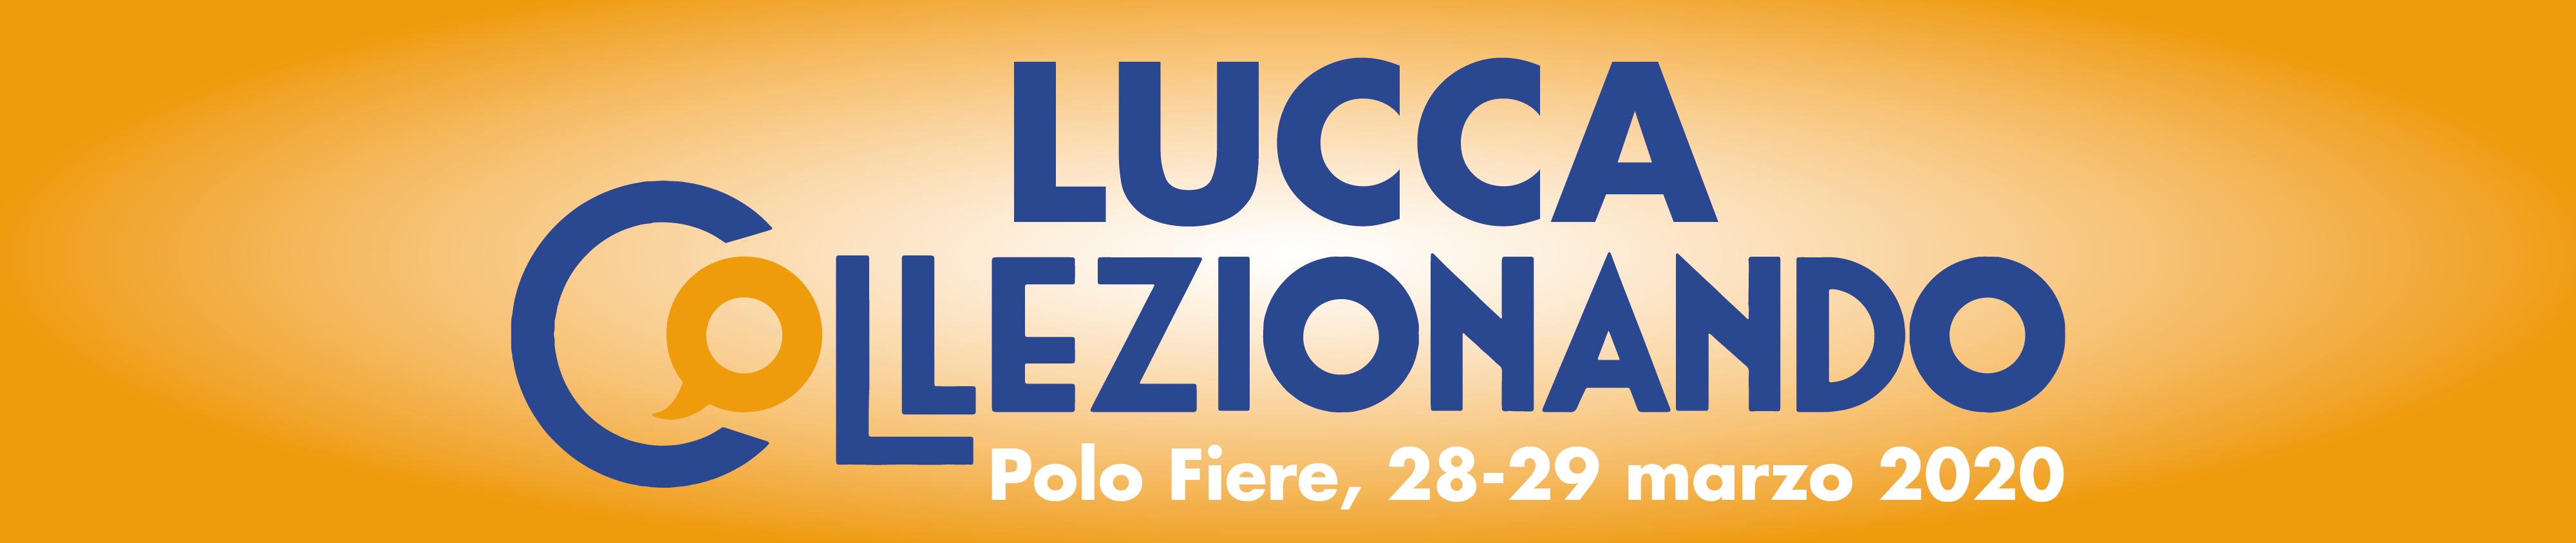 Lucca Collezionando